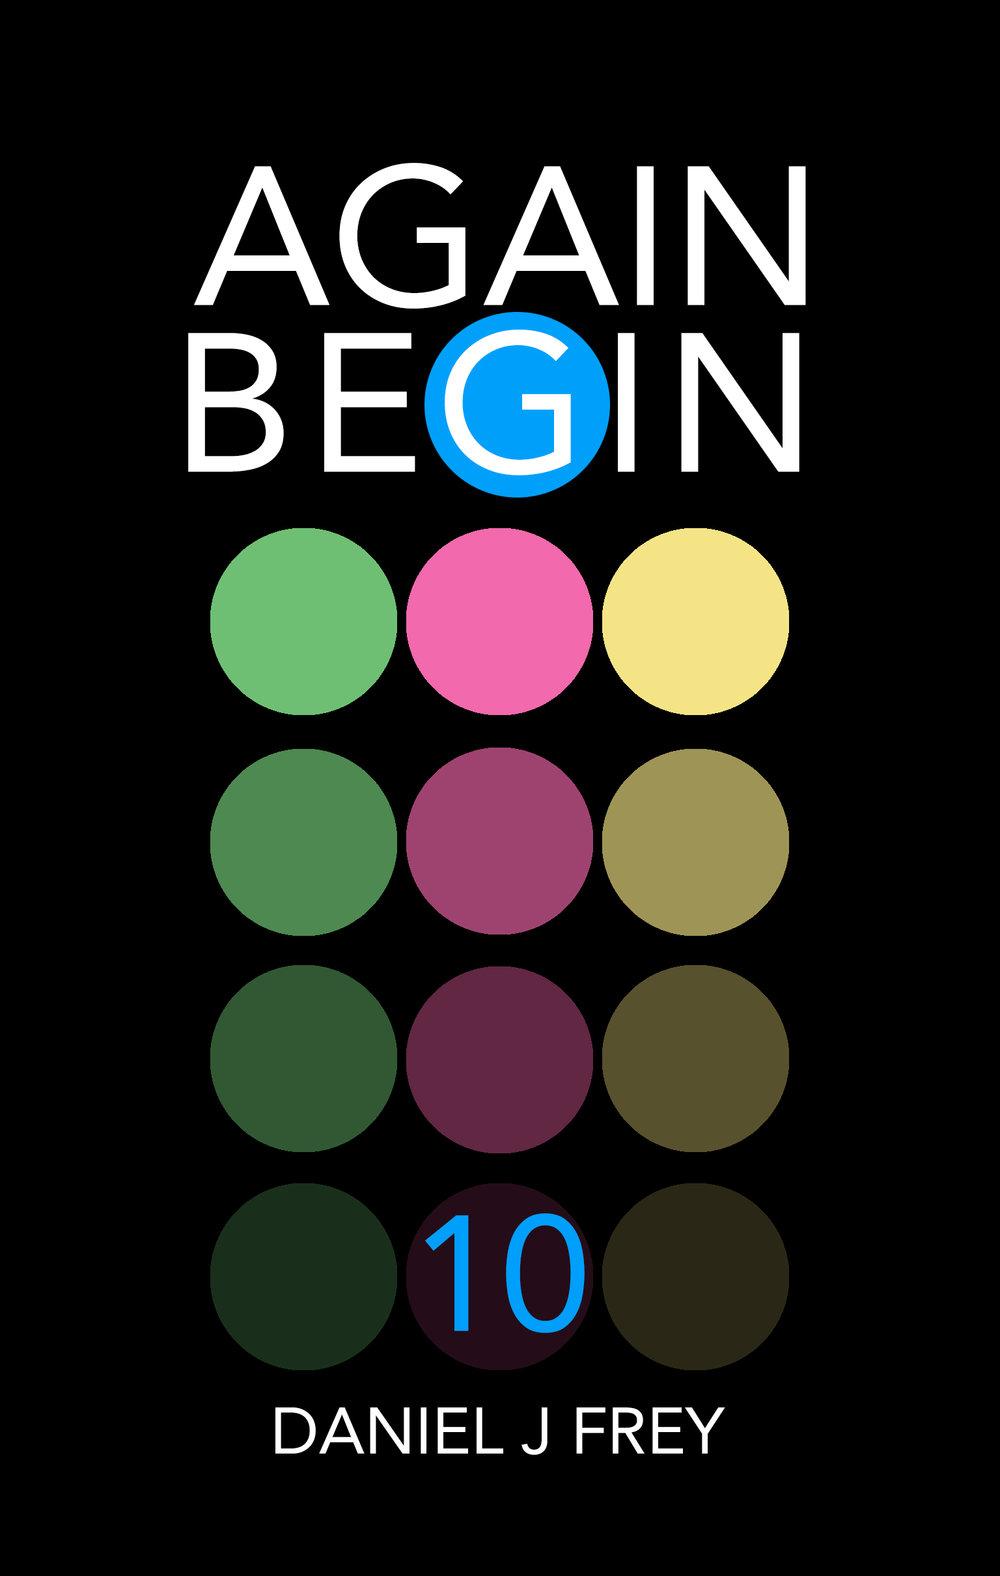 Again Begin 10 - The Wake